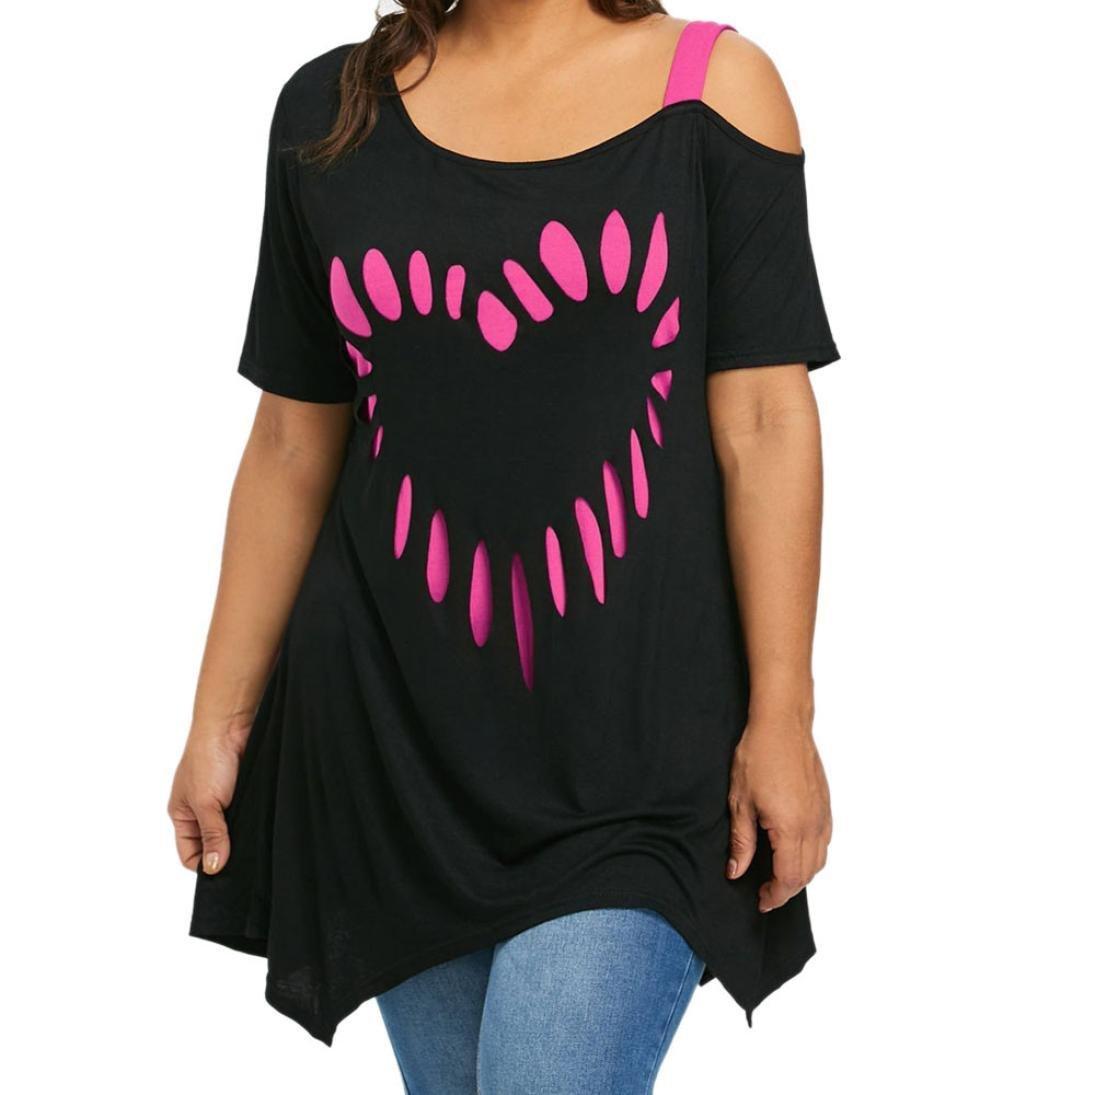 ❤️ Camisetas Mujer Tallas Grandes, Las Mujeres Grandes del tamañ o aman la Camisa de Manga Corta de la Camisa Casual de la impresió n de la Blusa Absolute